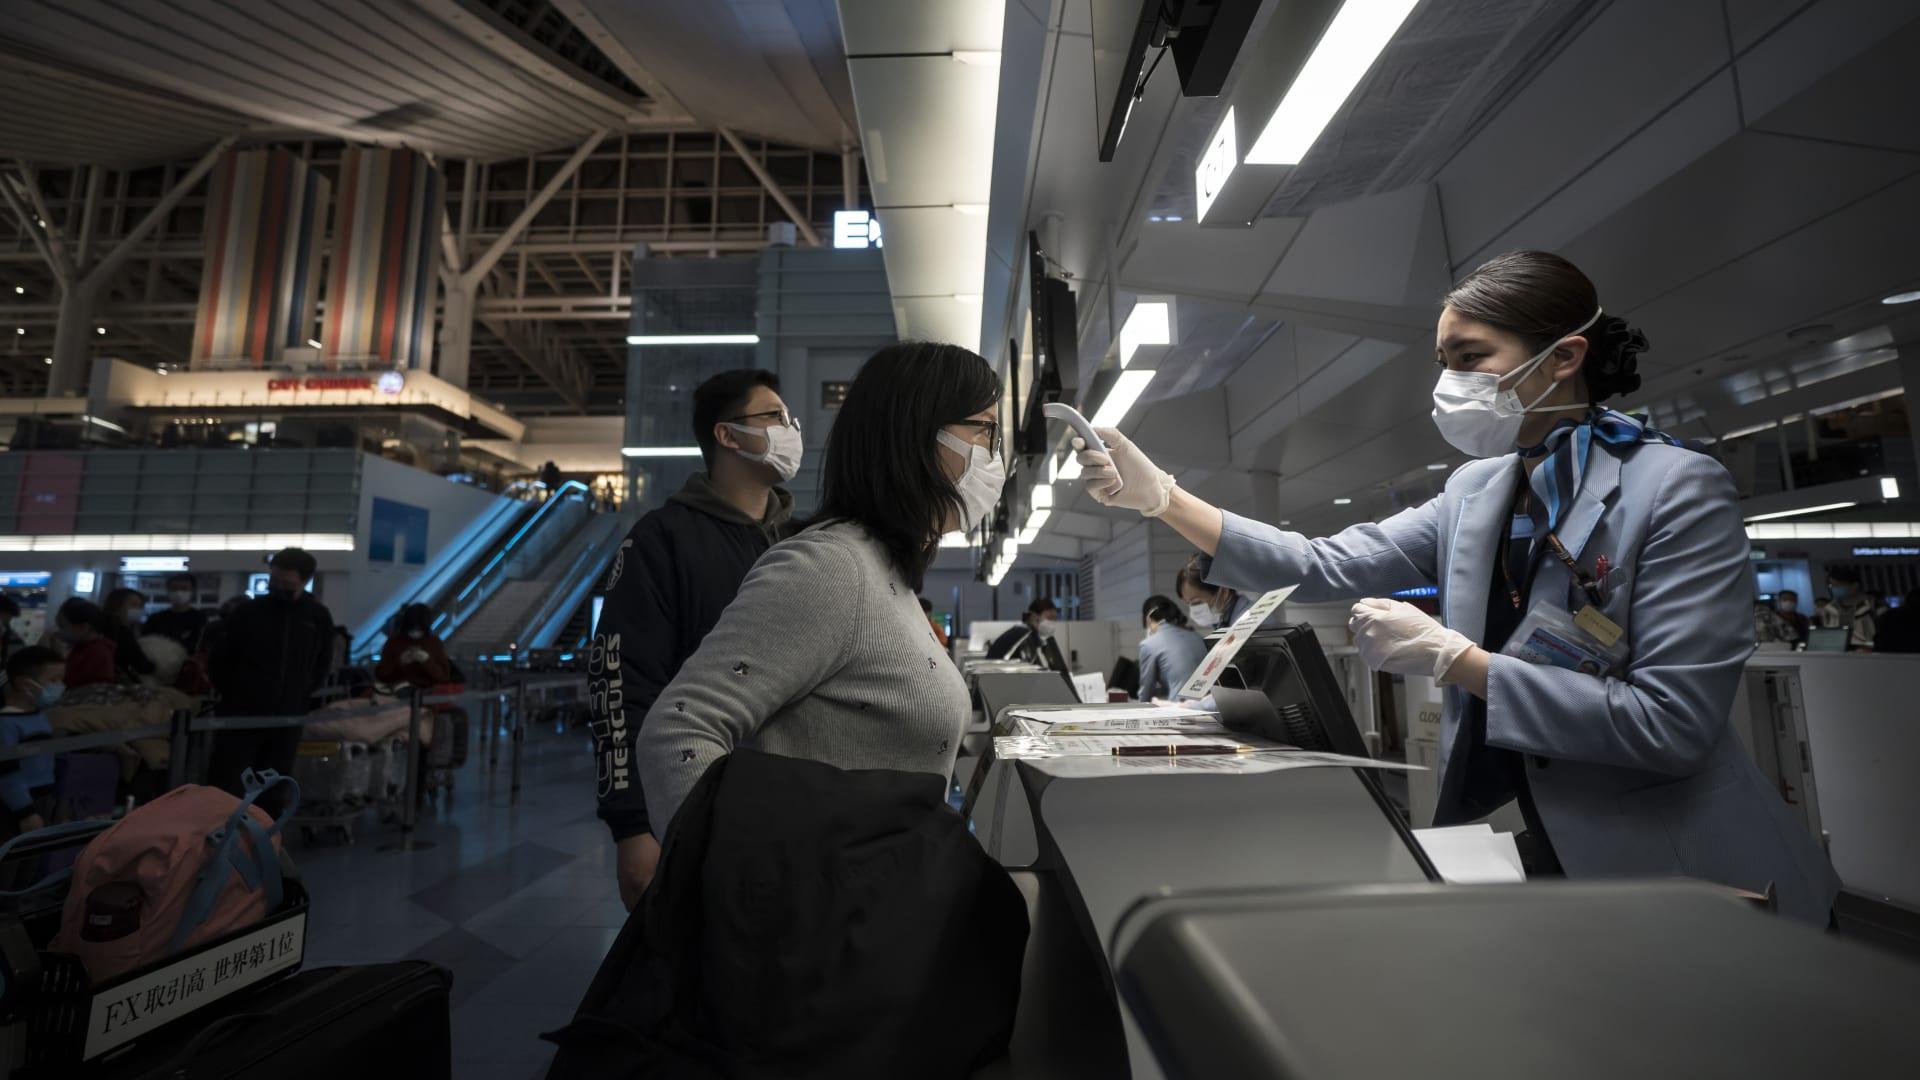 بعدد مسافرين دوليين أقل بمليار شخص.. عام 2020 الأسوأ في تاريخ السياحة